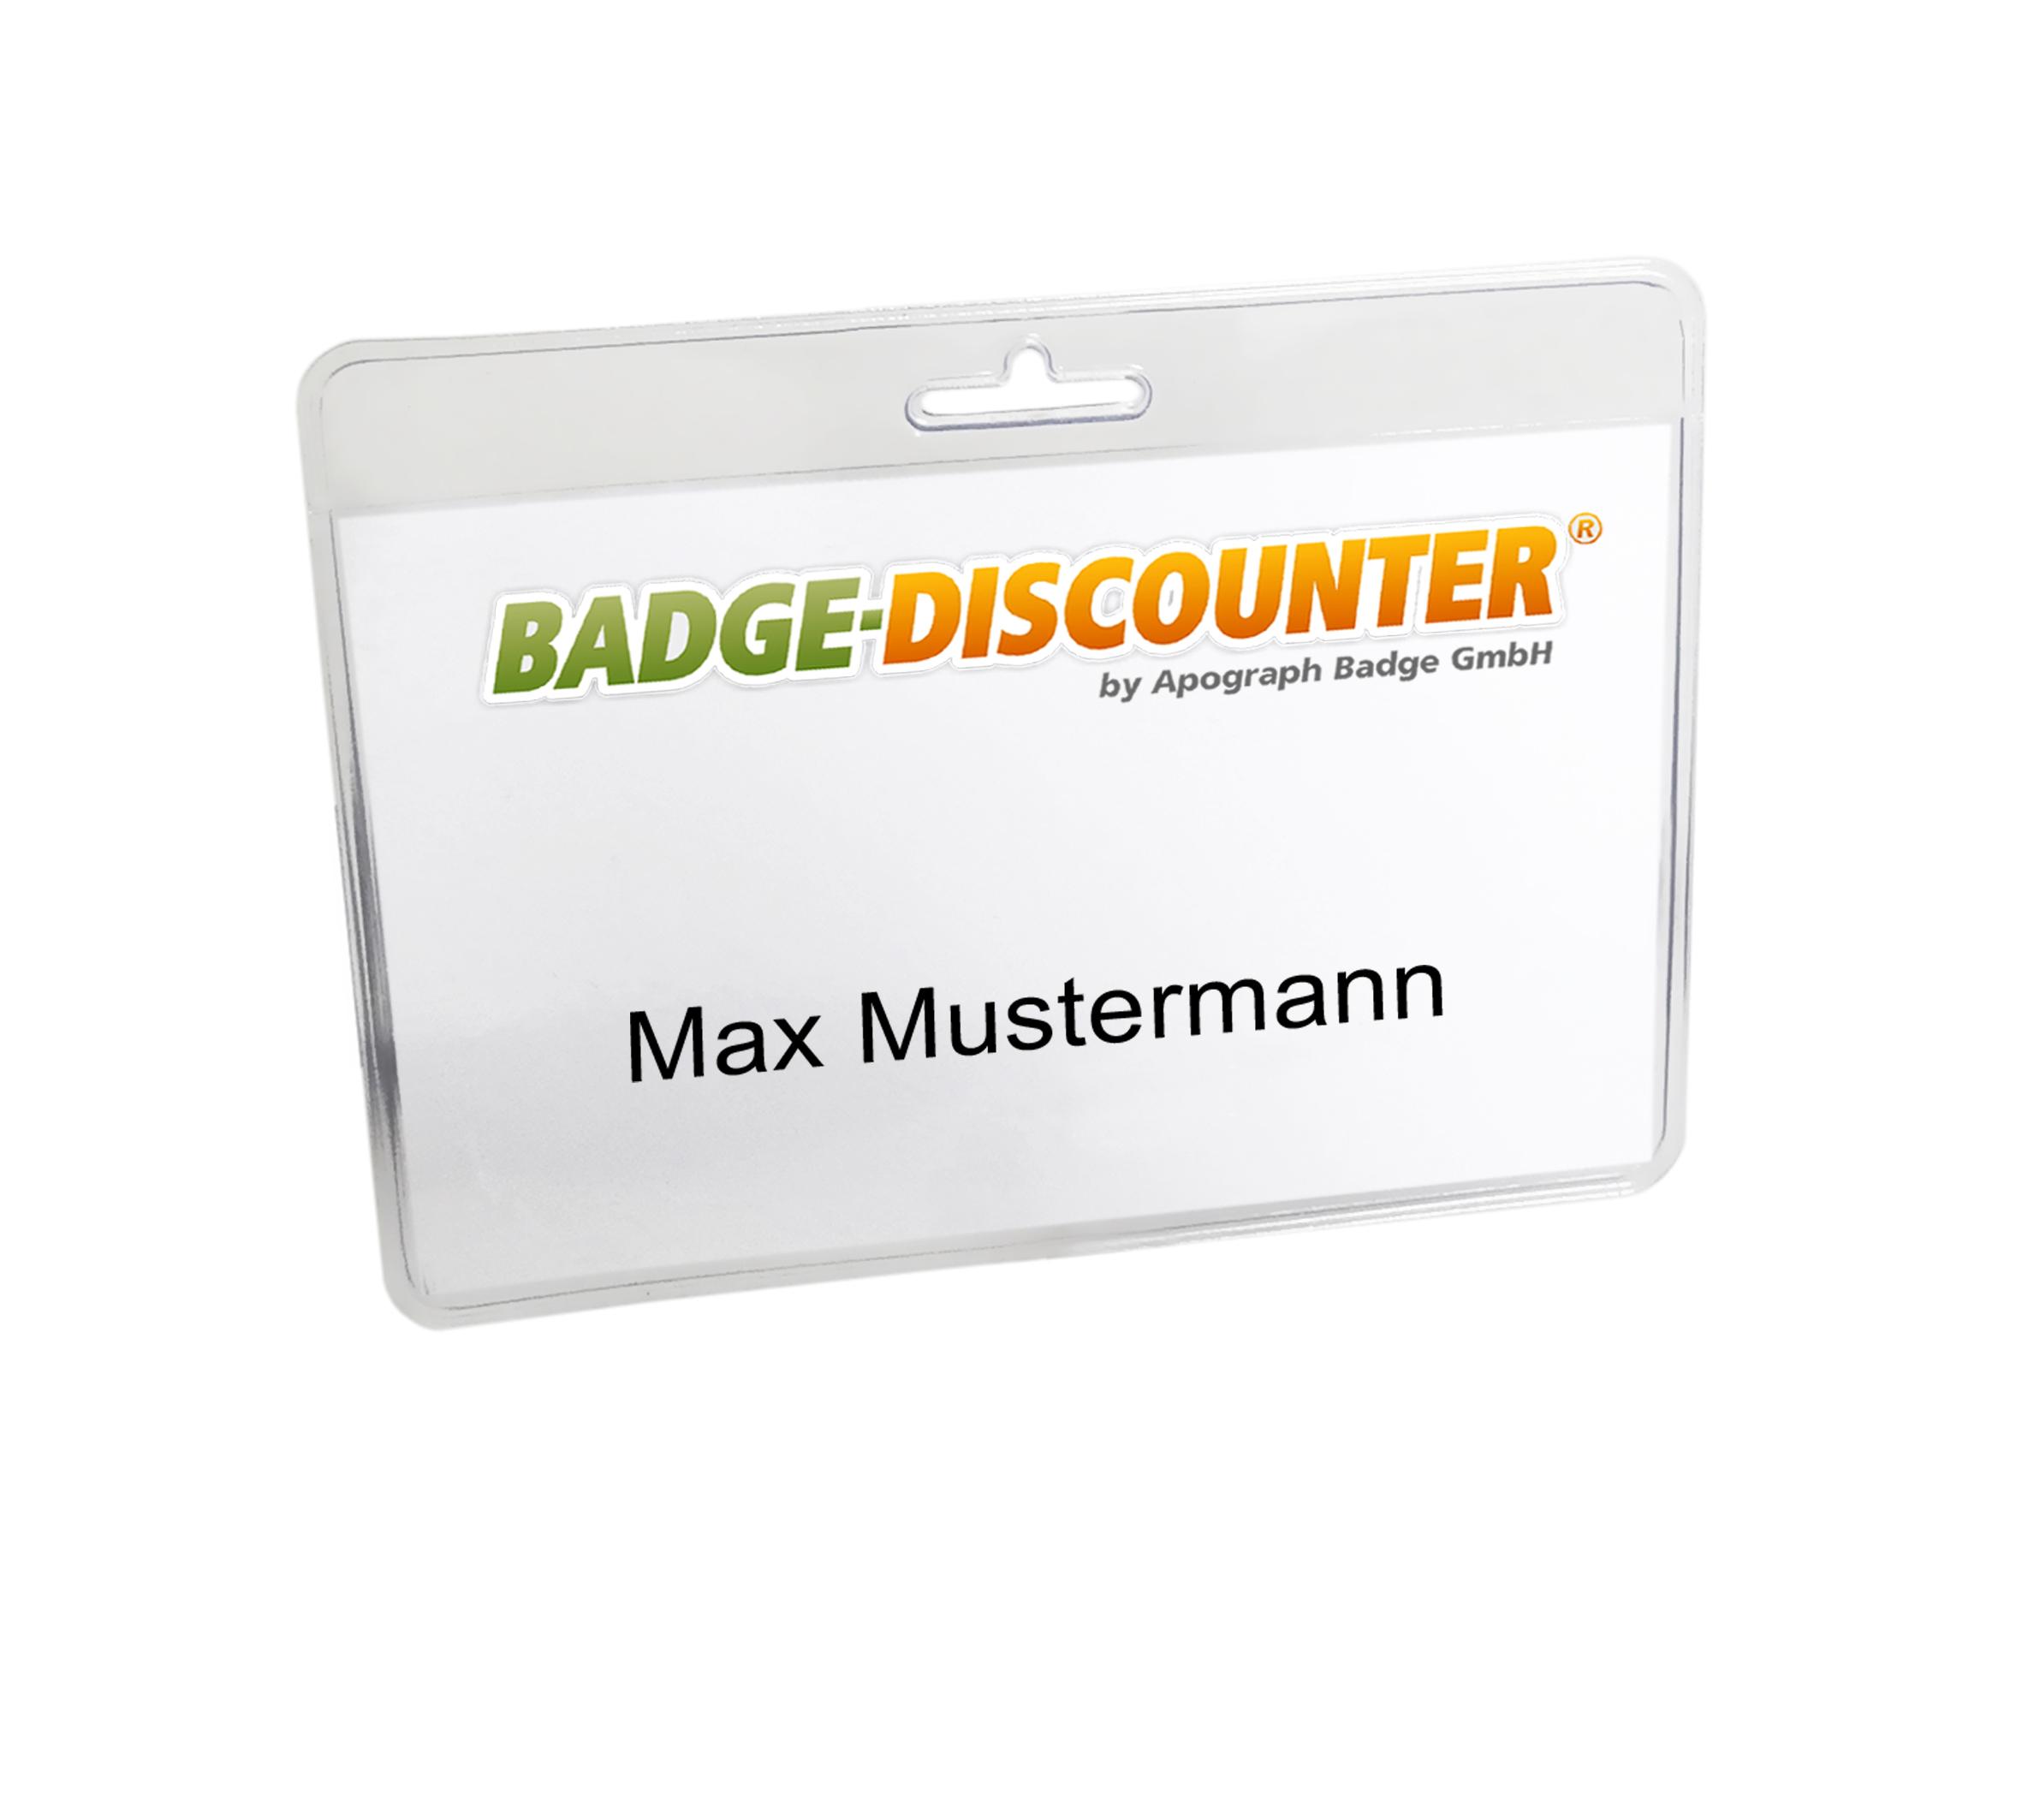 Druckvorlagen - badge-discounter.eu